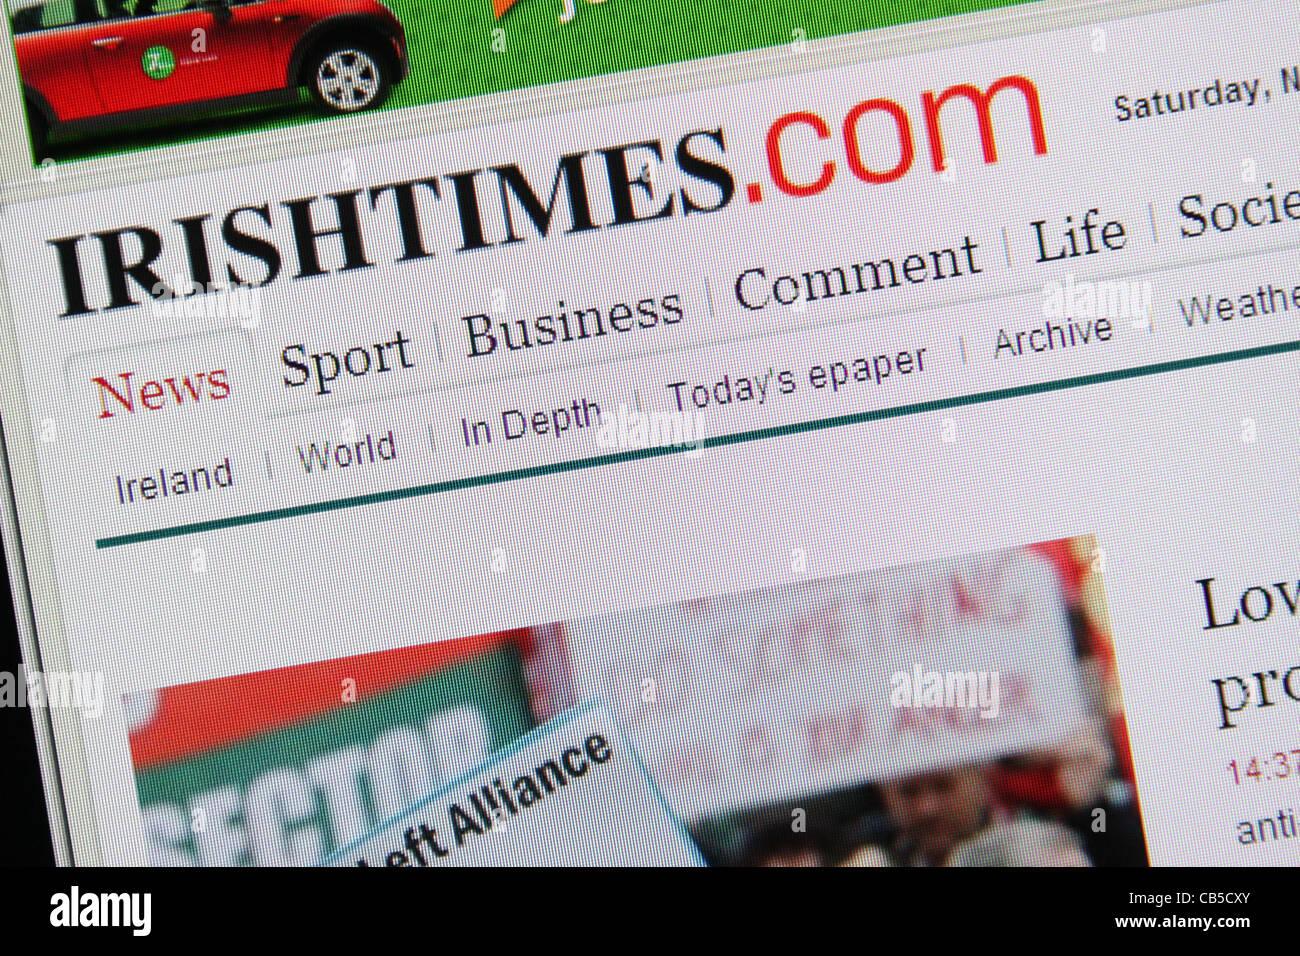 irish times irishtimes online website screenshot - Stock Image